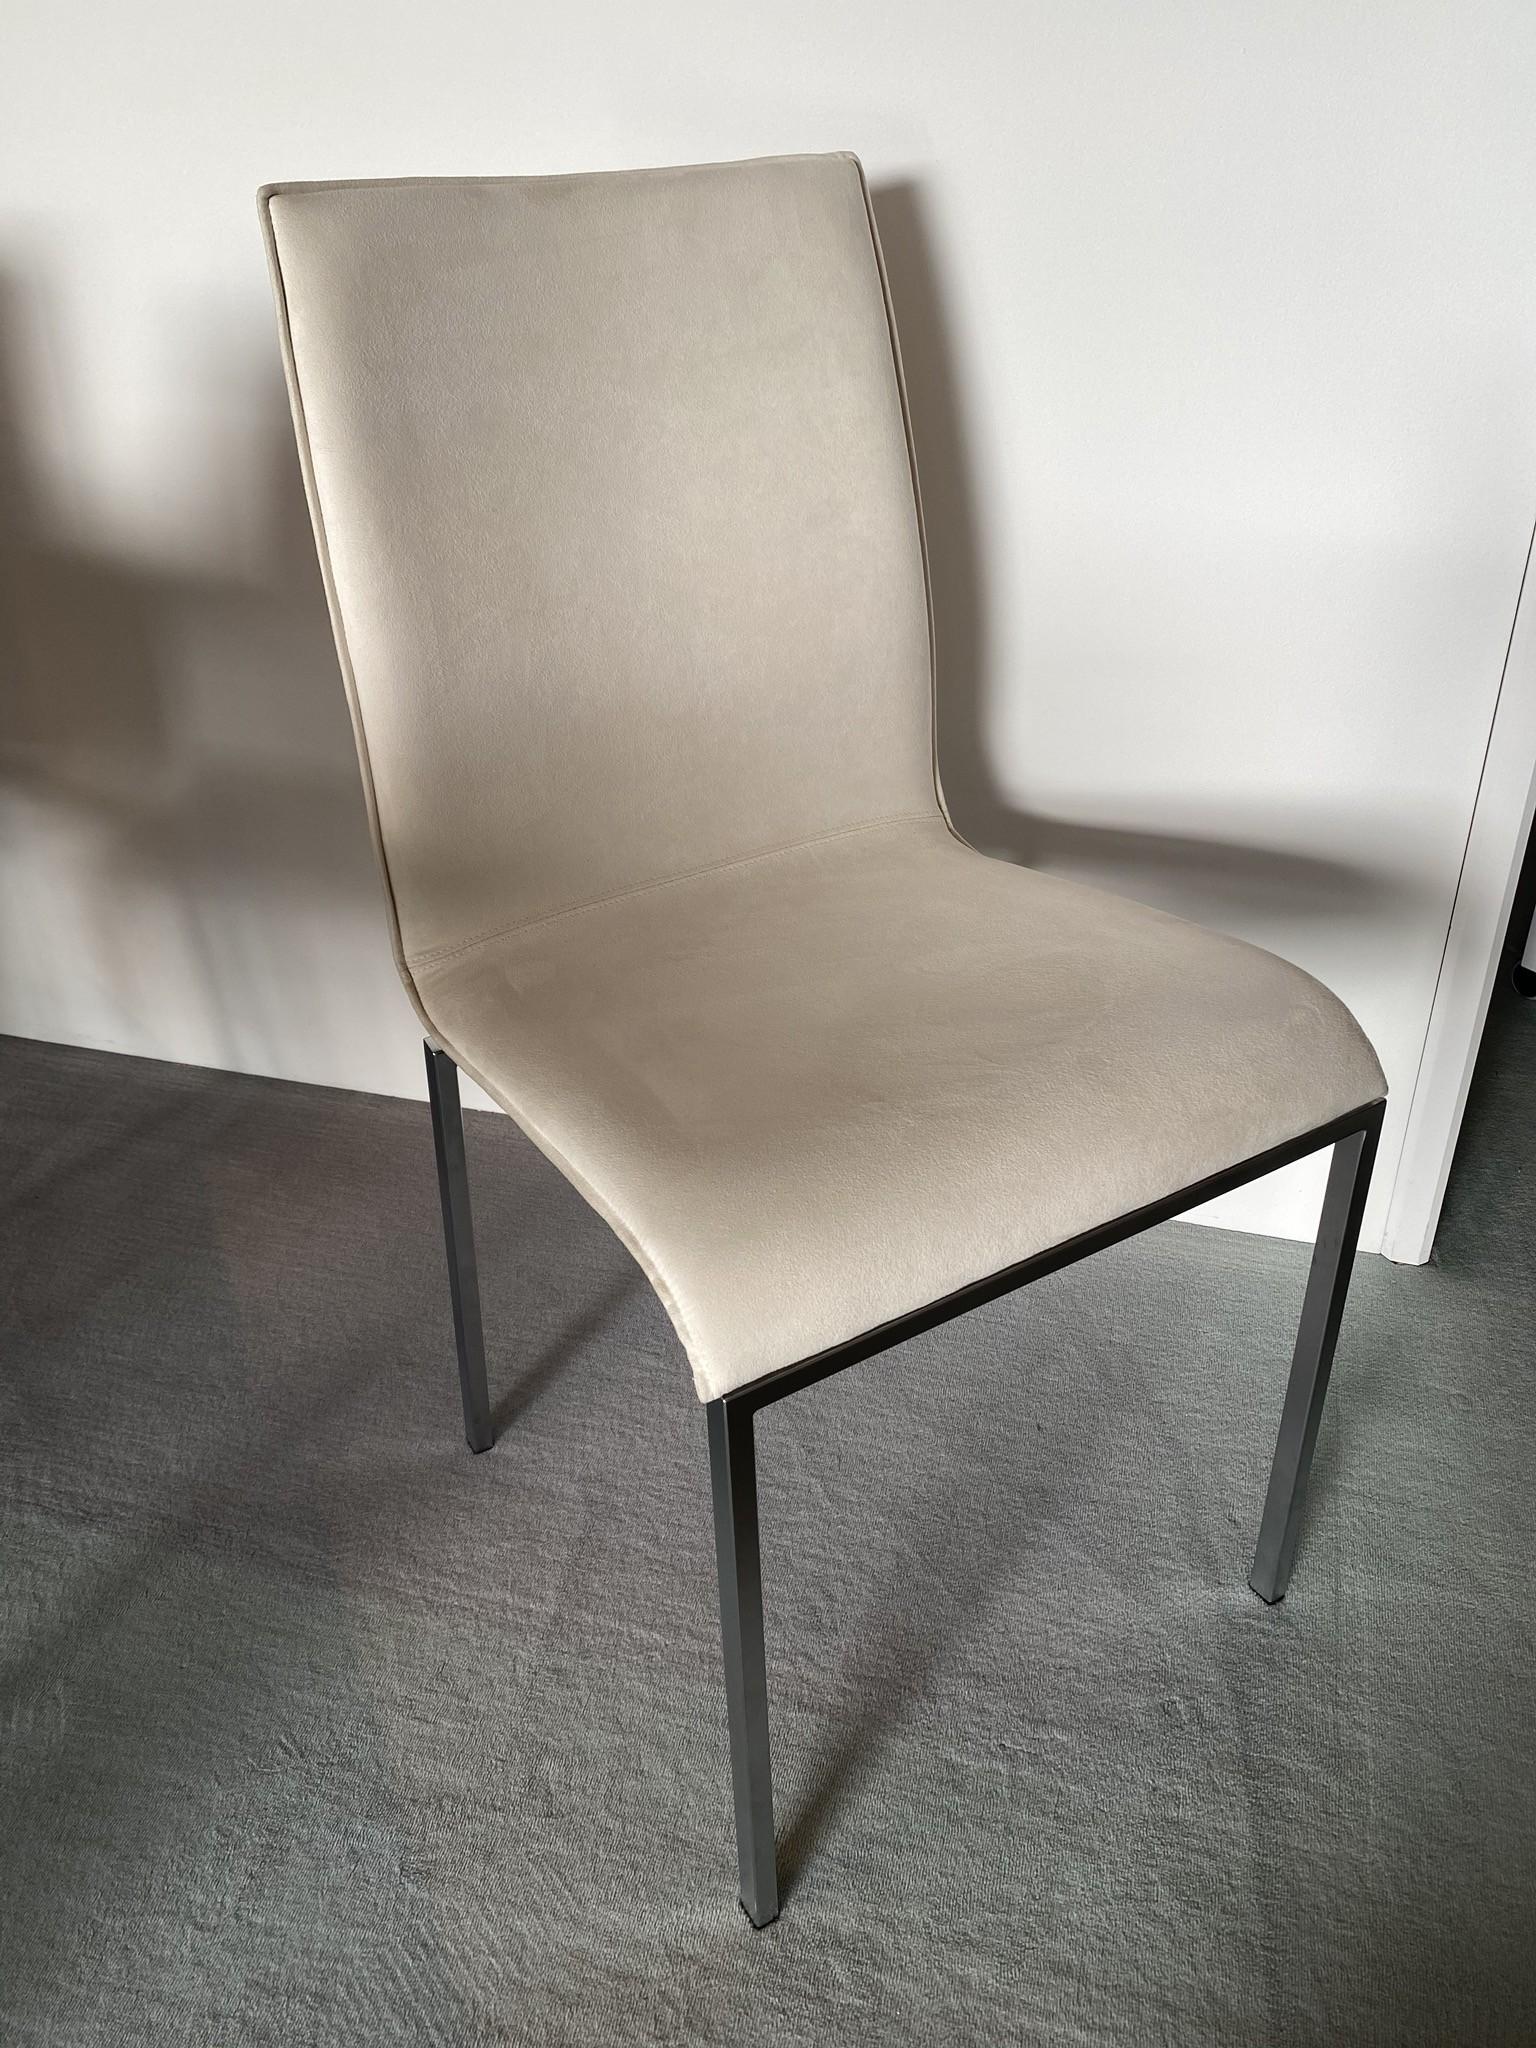 6x Stuhl Nono 03